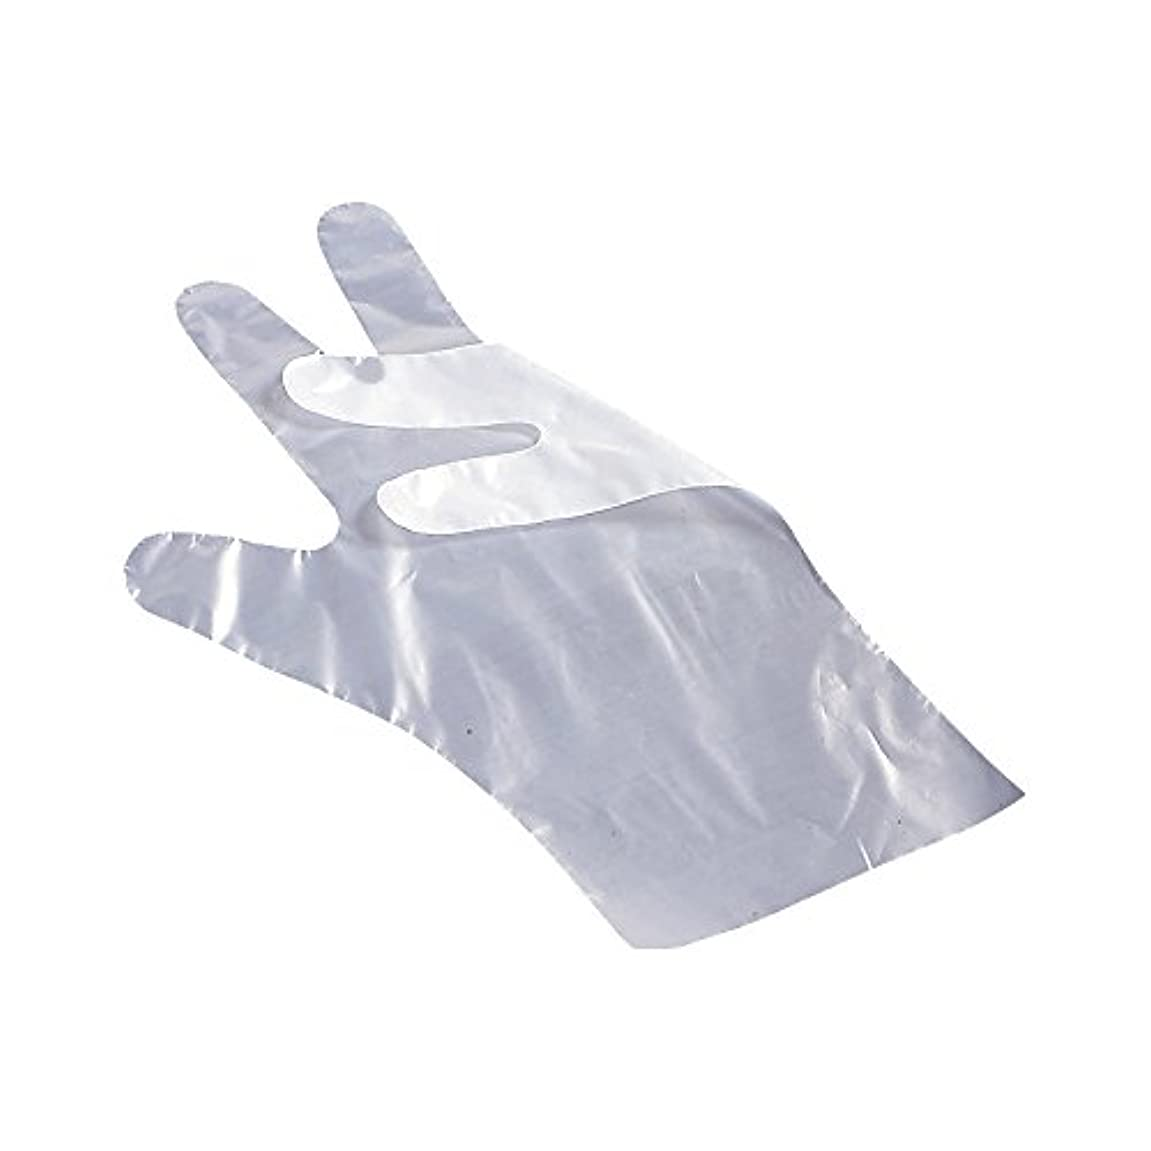 商業のキロメートル威信サクラメンエンボス手袋 デラックス 白 S 100枚入